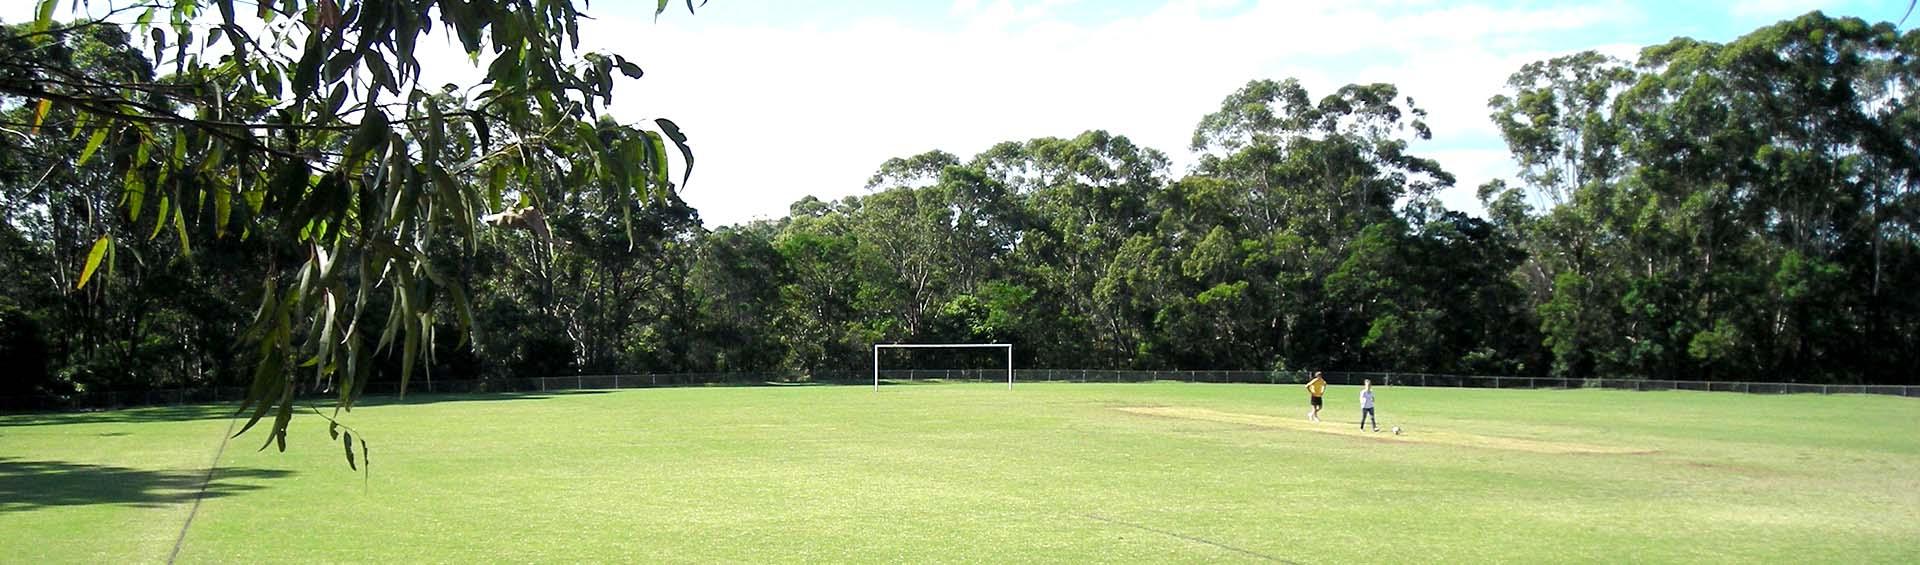 sportsground-banner.jpg